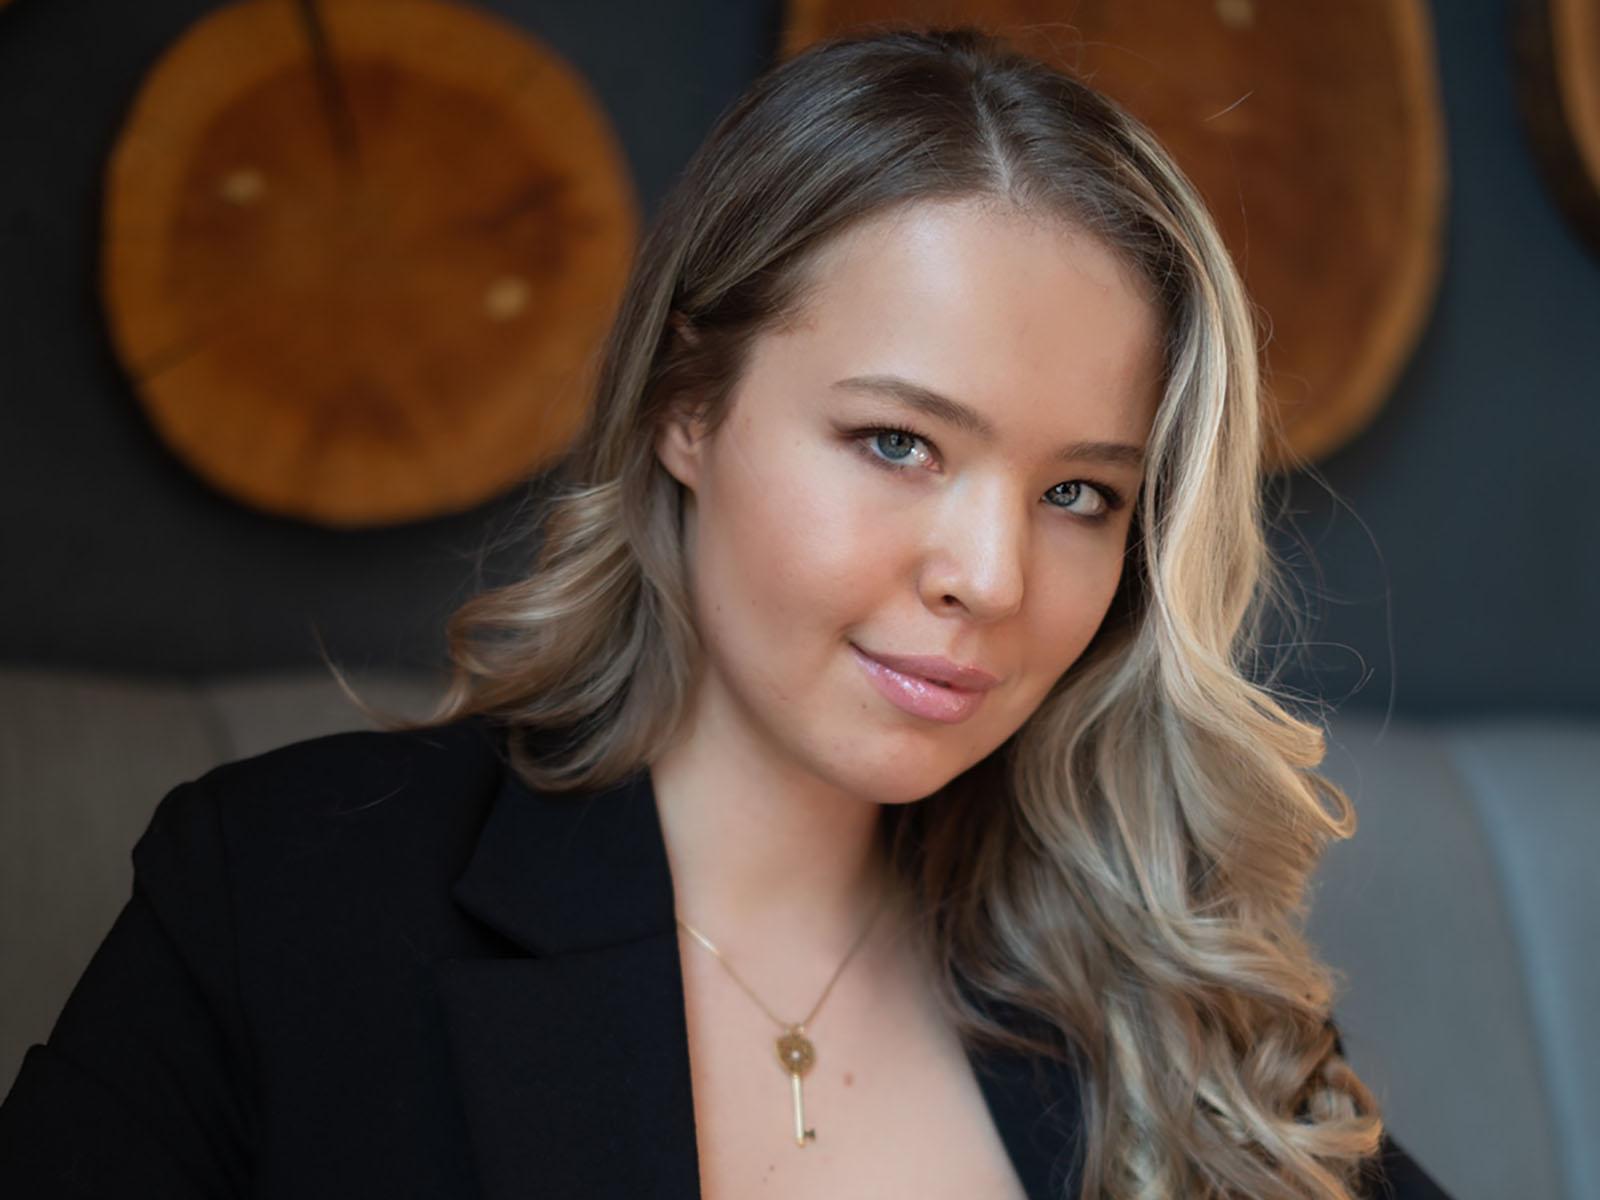 Яна Горячкова - 6 лет в маркетинге, стартап-маркетолог, эксперт по личному бренду